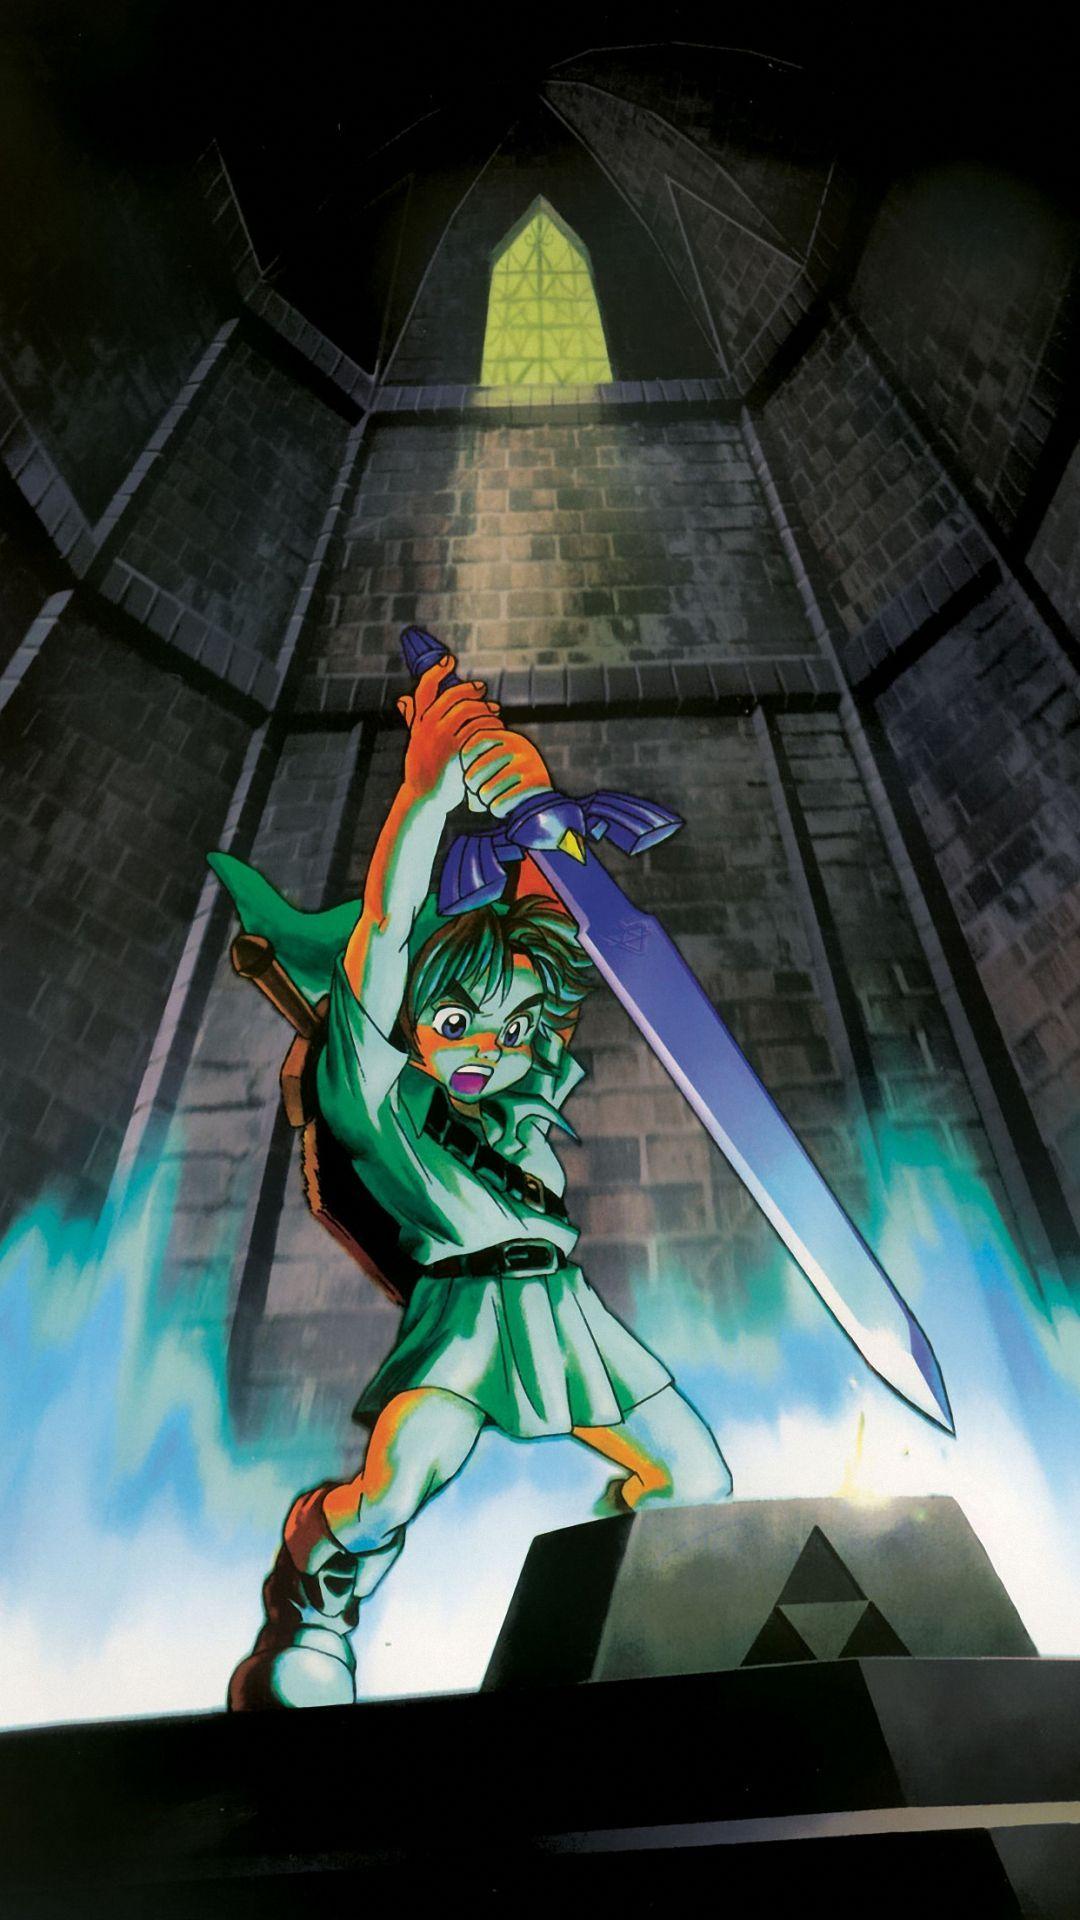 Twilight Princess Legend Of Zelda Wallpaper Iphone In 2020 Ocarina Of Time Legend Of Zelda Zelda Tattoo